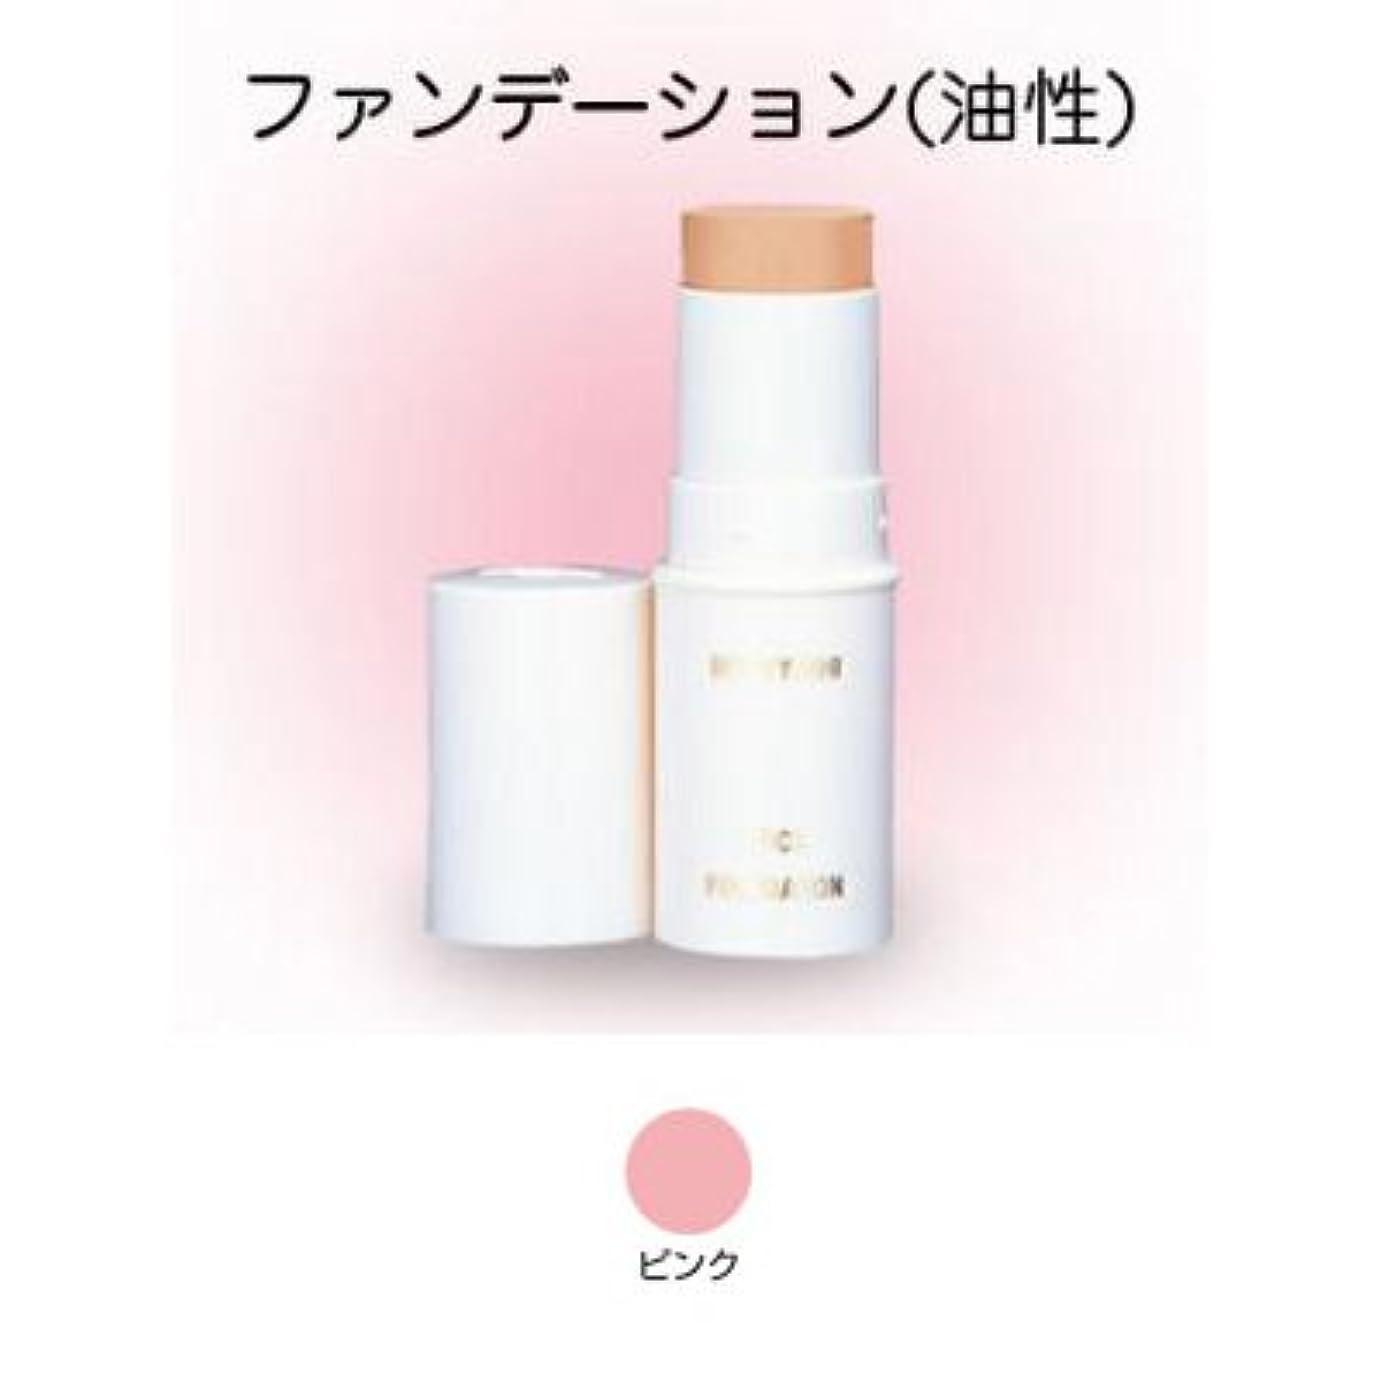 アマゾンジャングルパキスタンゆりかごスティックファンデーション 16g ピンク 【三善】